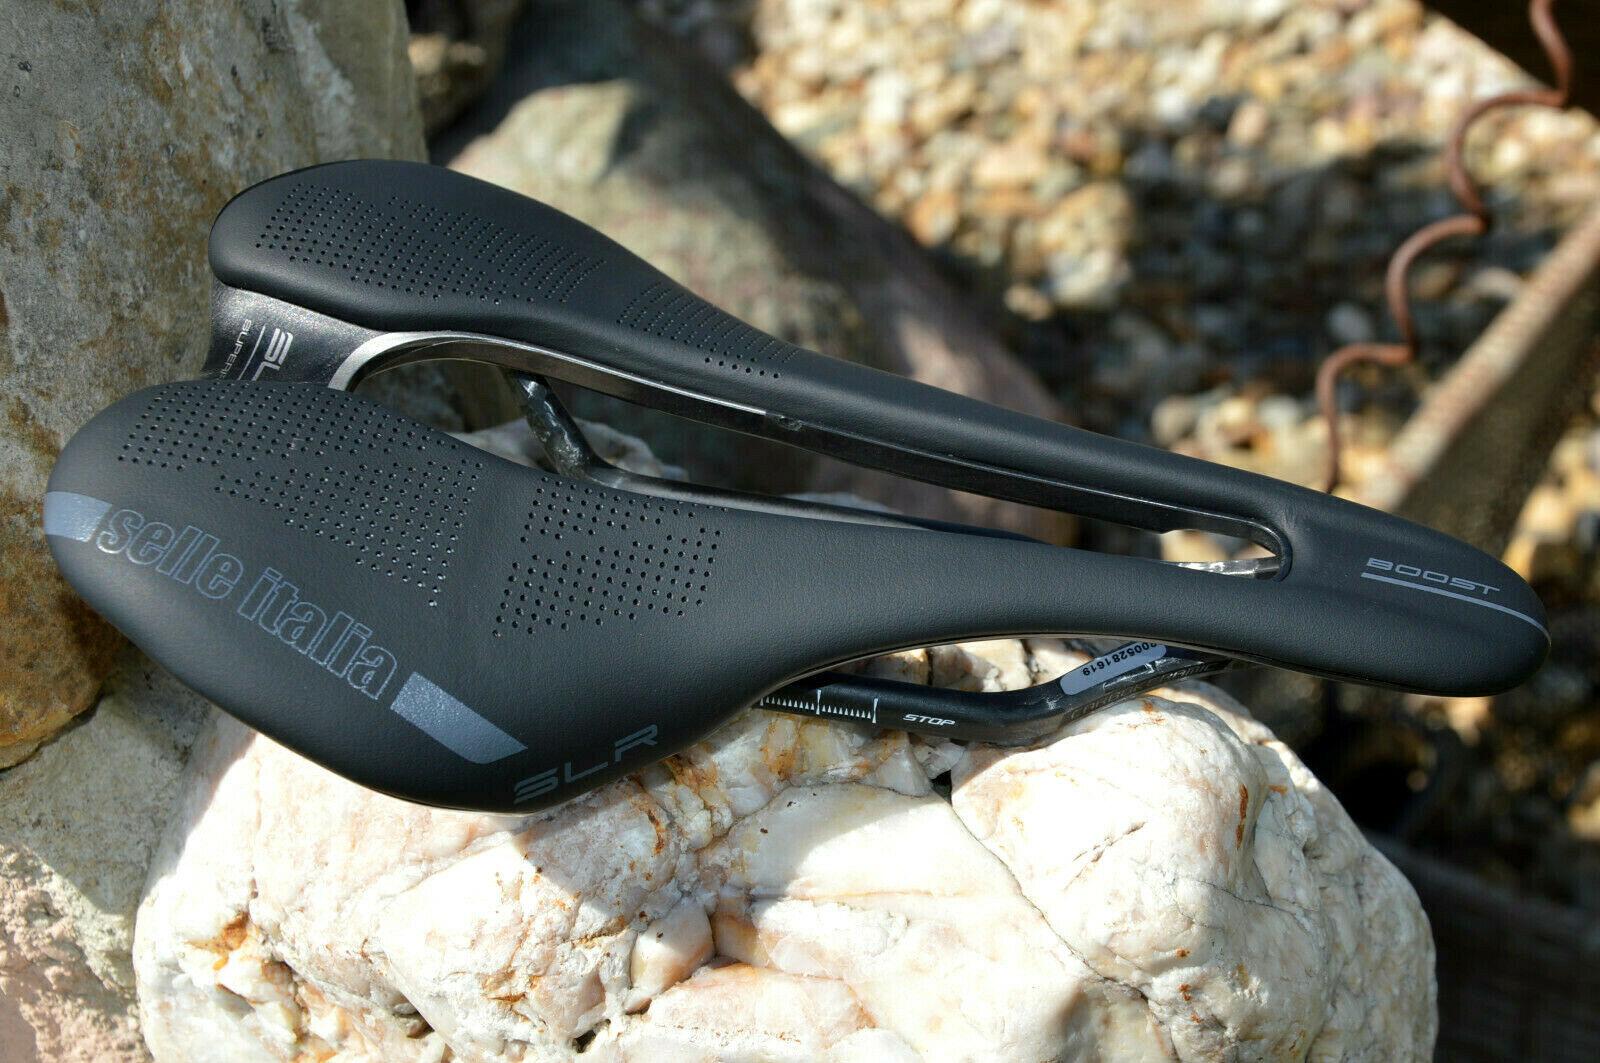 Selle Italia SLR Boost Kit Carbonio Superflow Saddle | bike saddle